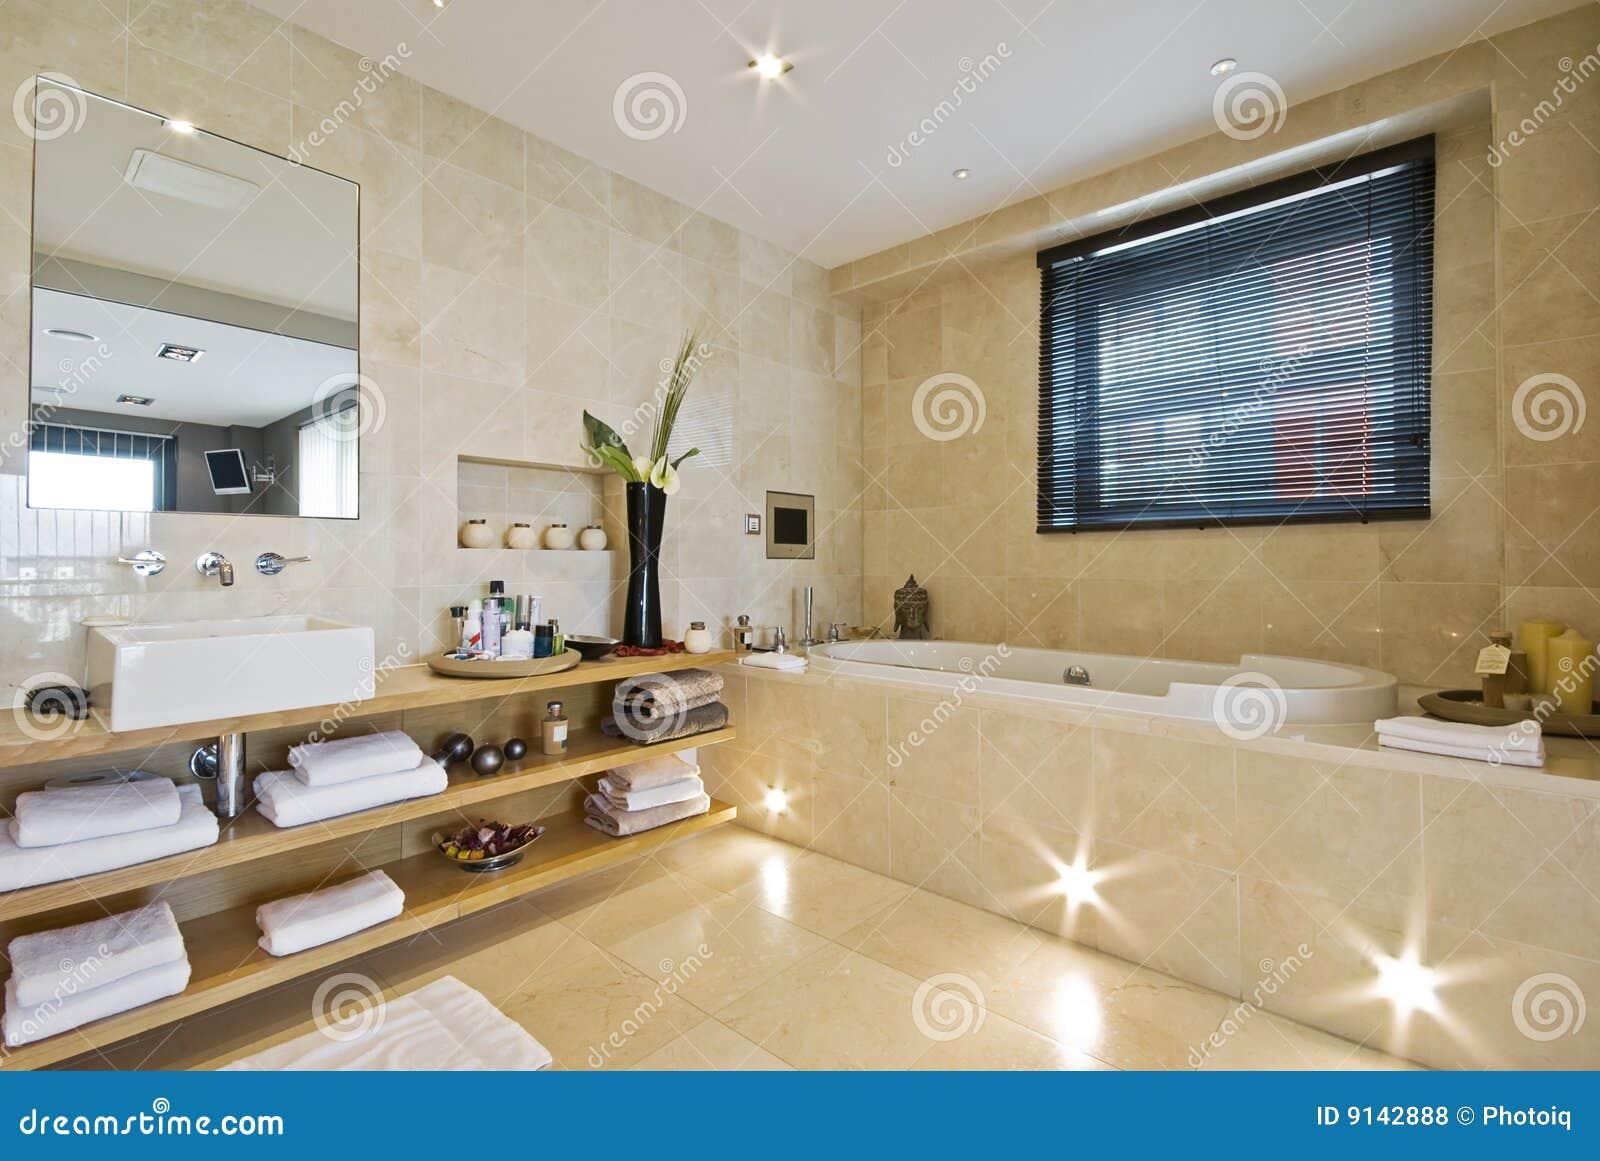 Sala Da Bagno Lusso : Stanza da bagno di lusso con marmo marrone chiaro fotografia stock